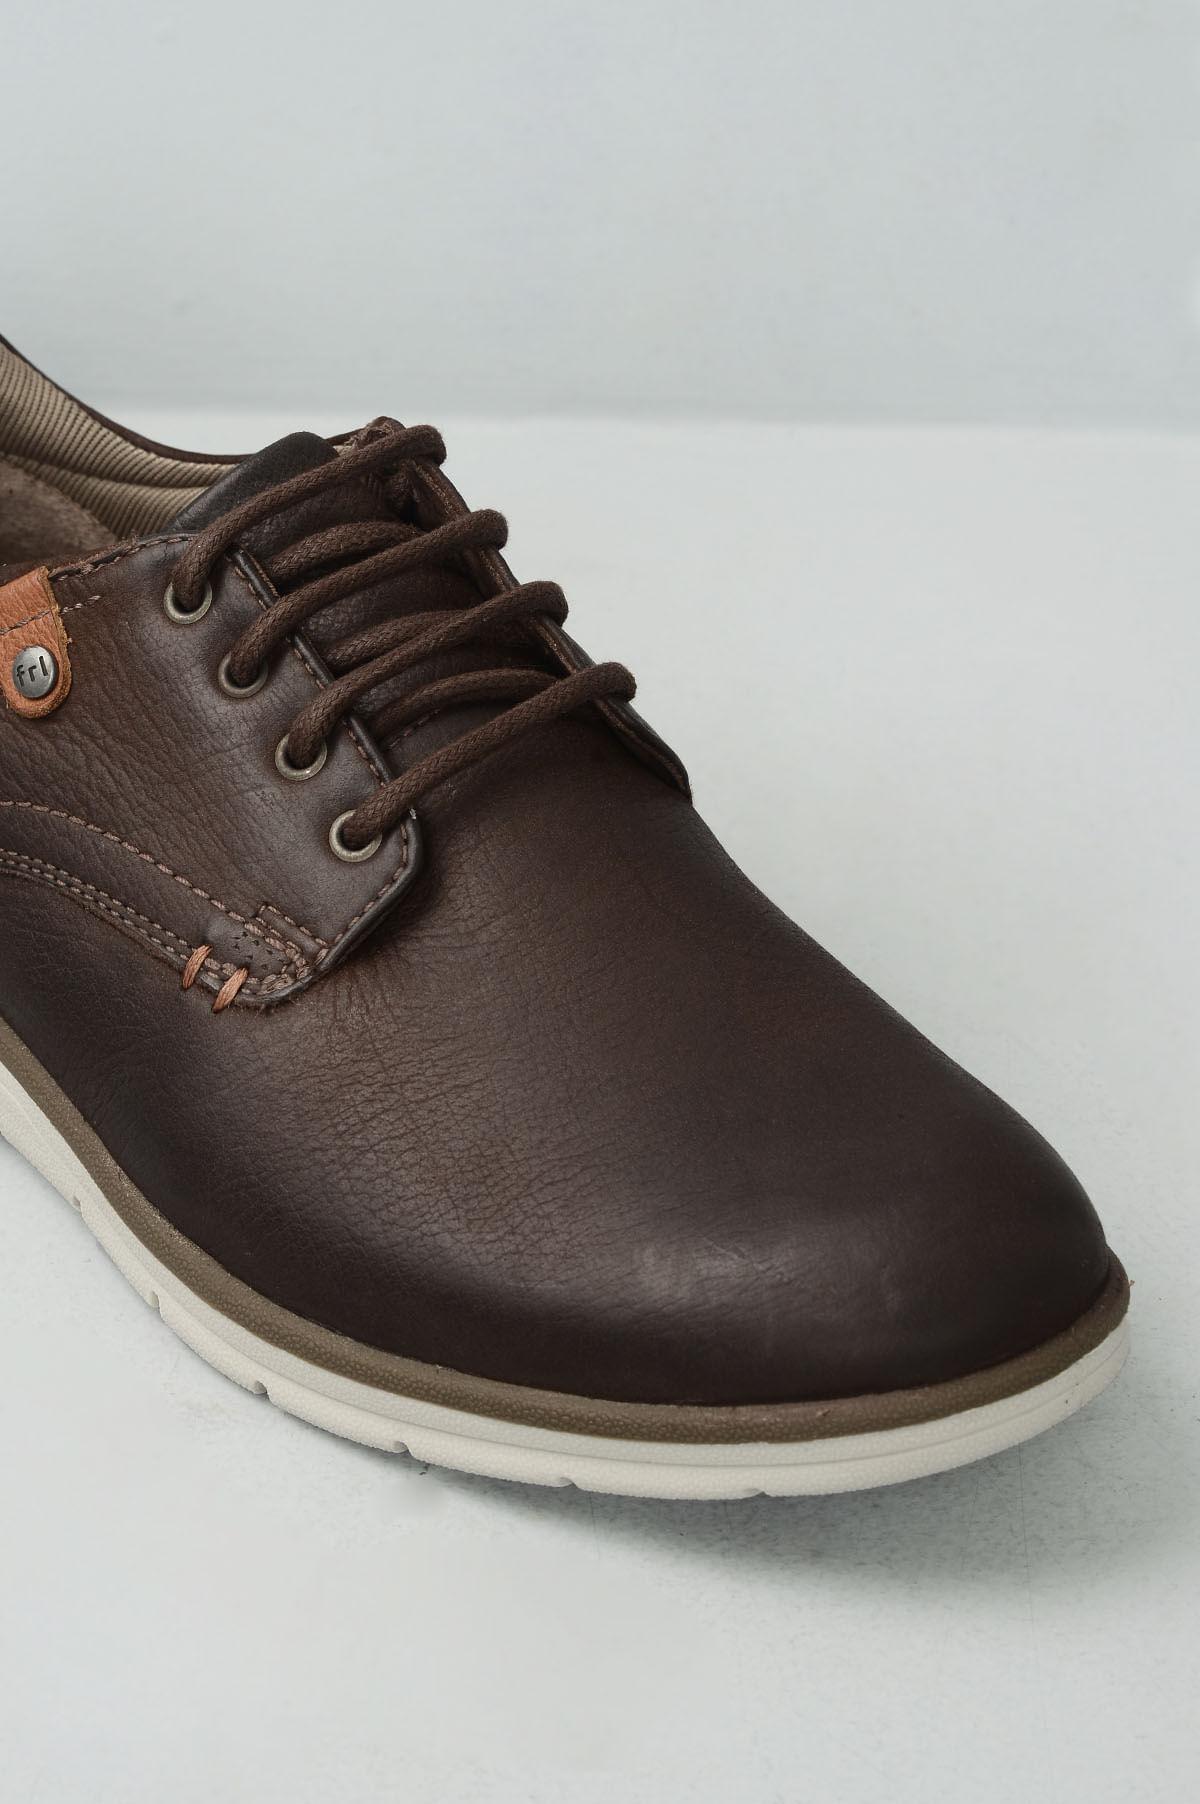 957fdbde5 Sapatênis Masculino Ferricelli Rony CR - CAFE - Mundial Calçados